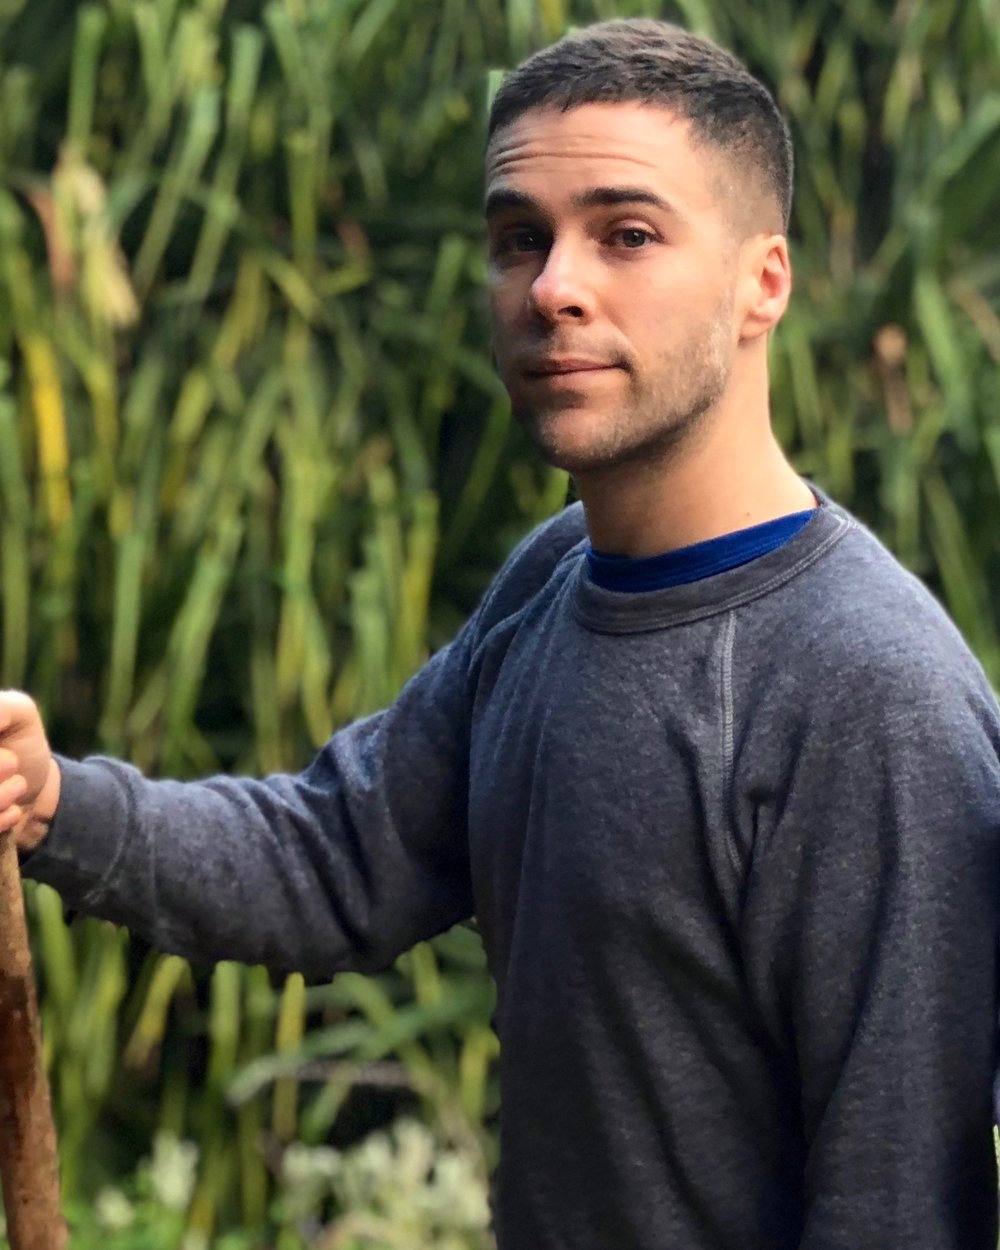 Daniel Zaitchik